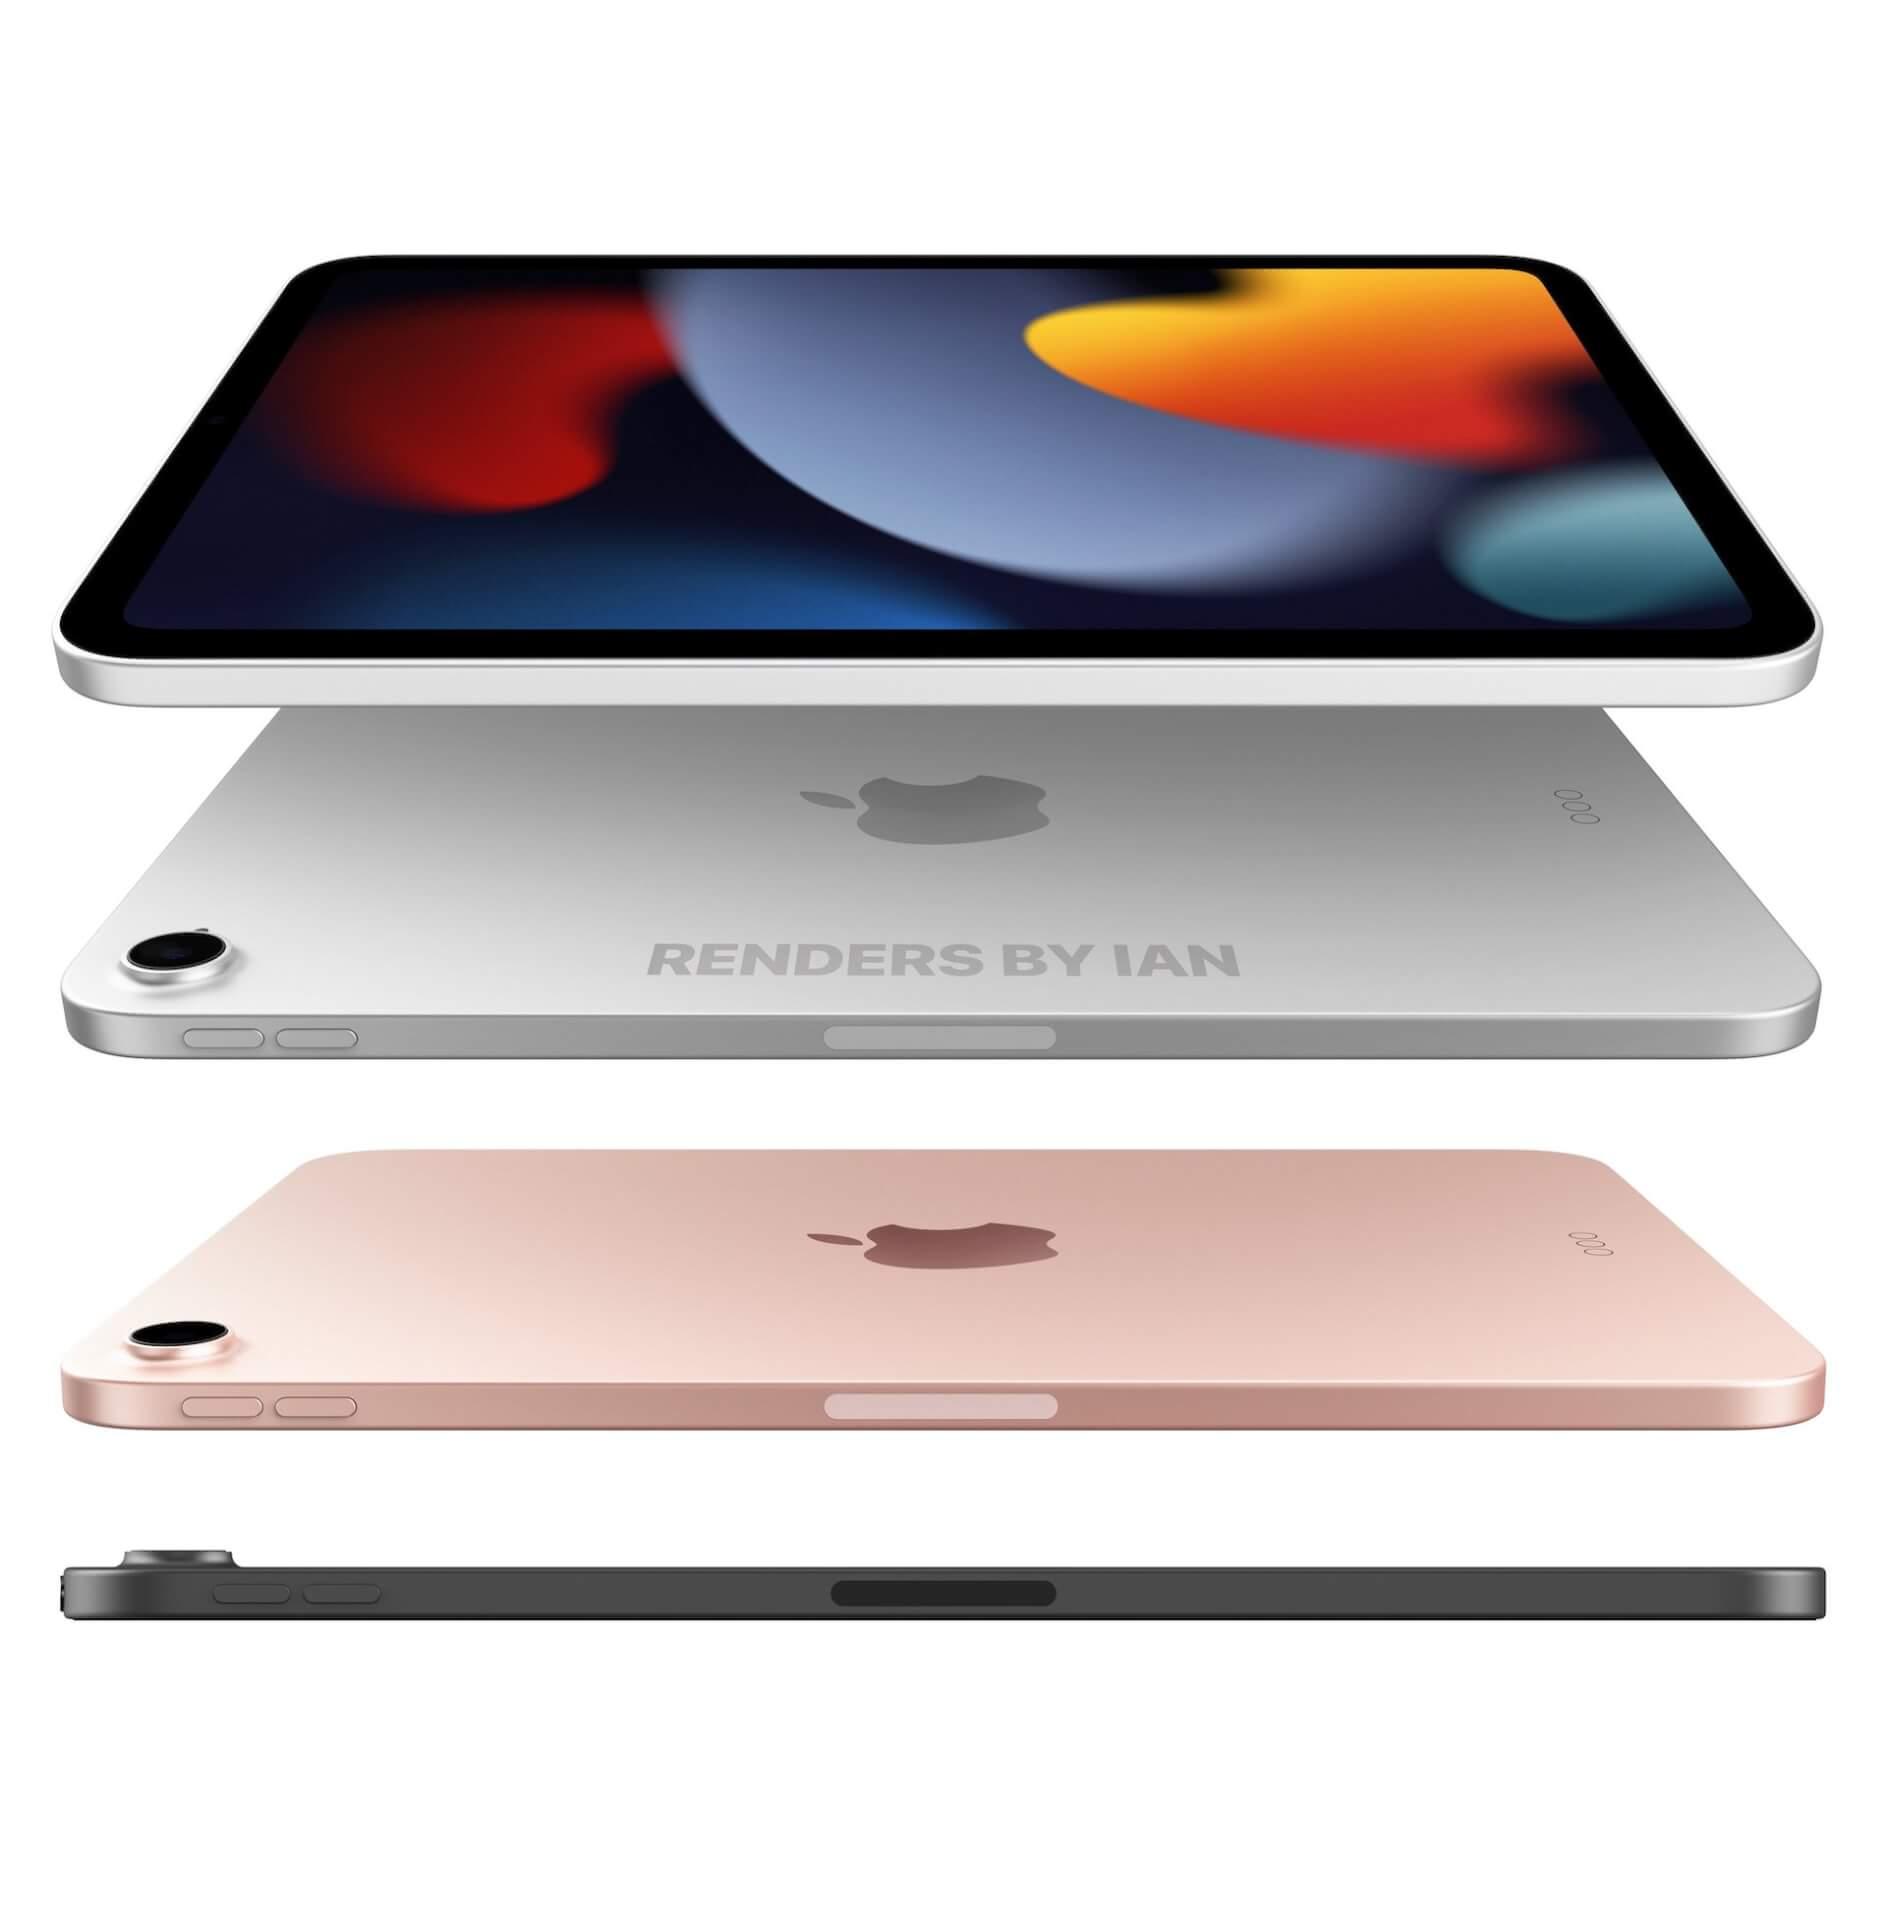 新たなMacシリーズとiPadにフォーカスした新製品発表イベントが開催される? tech210914_mac_ipad_main